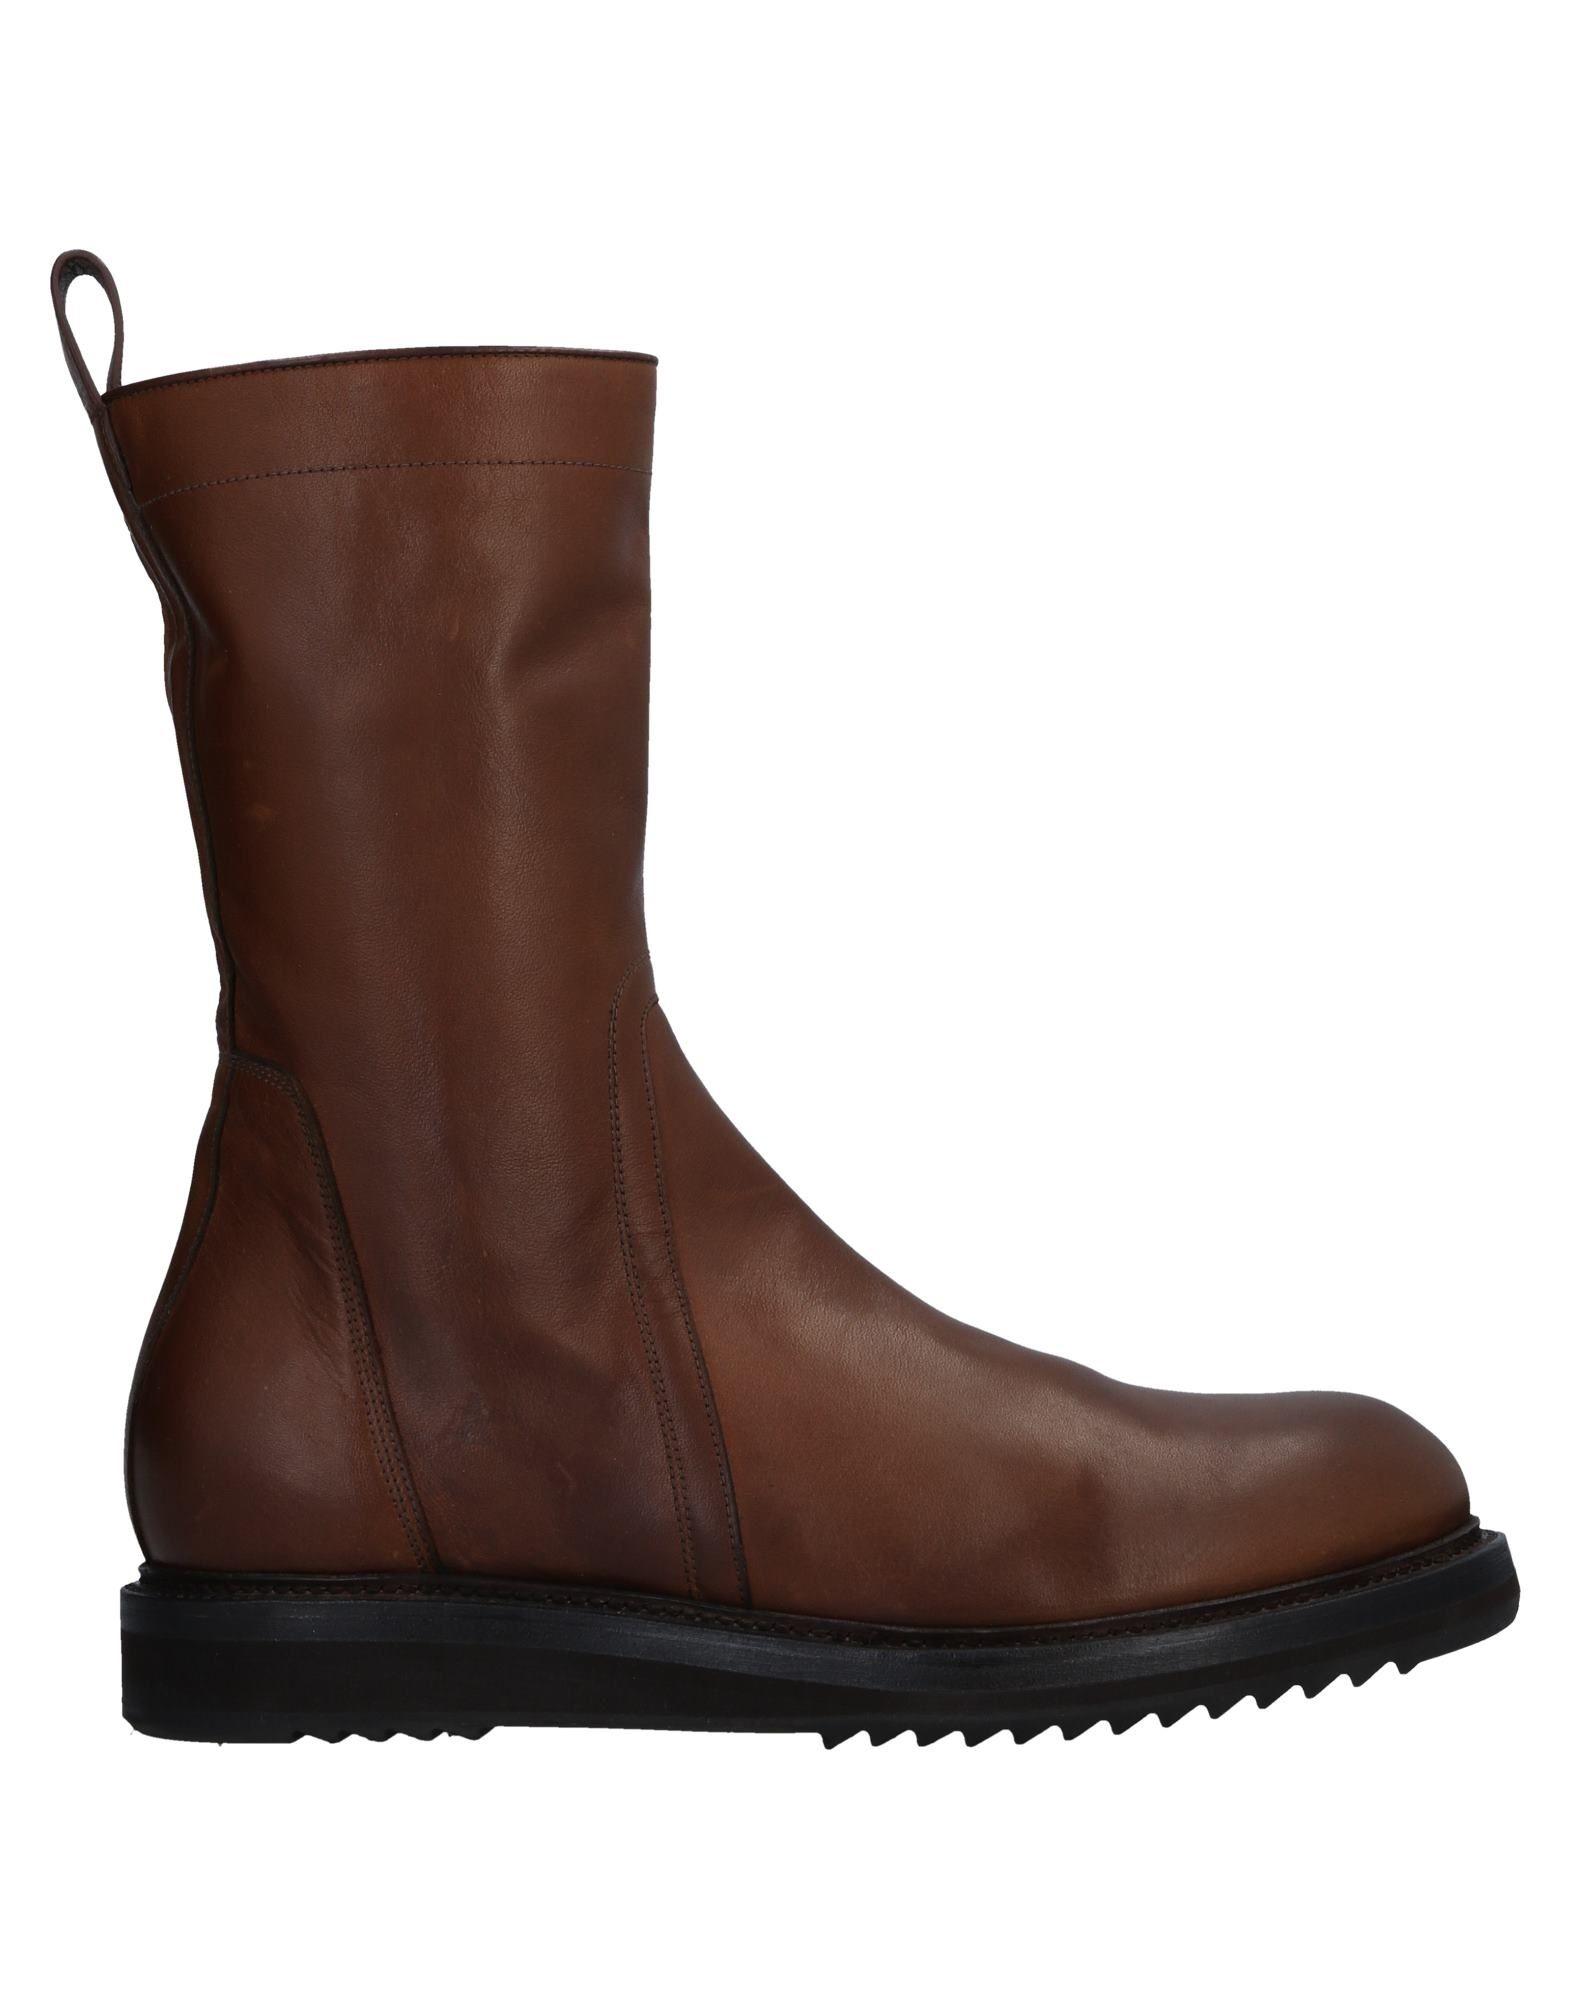 Rick Owens Stiefelette Herren  11513786IL Gute Qualität beliebte Schuhe